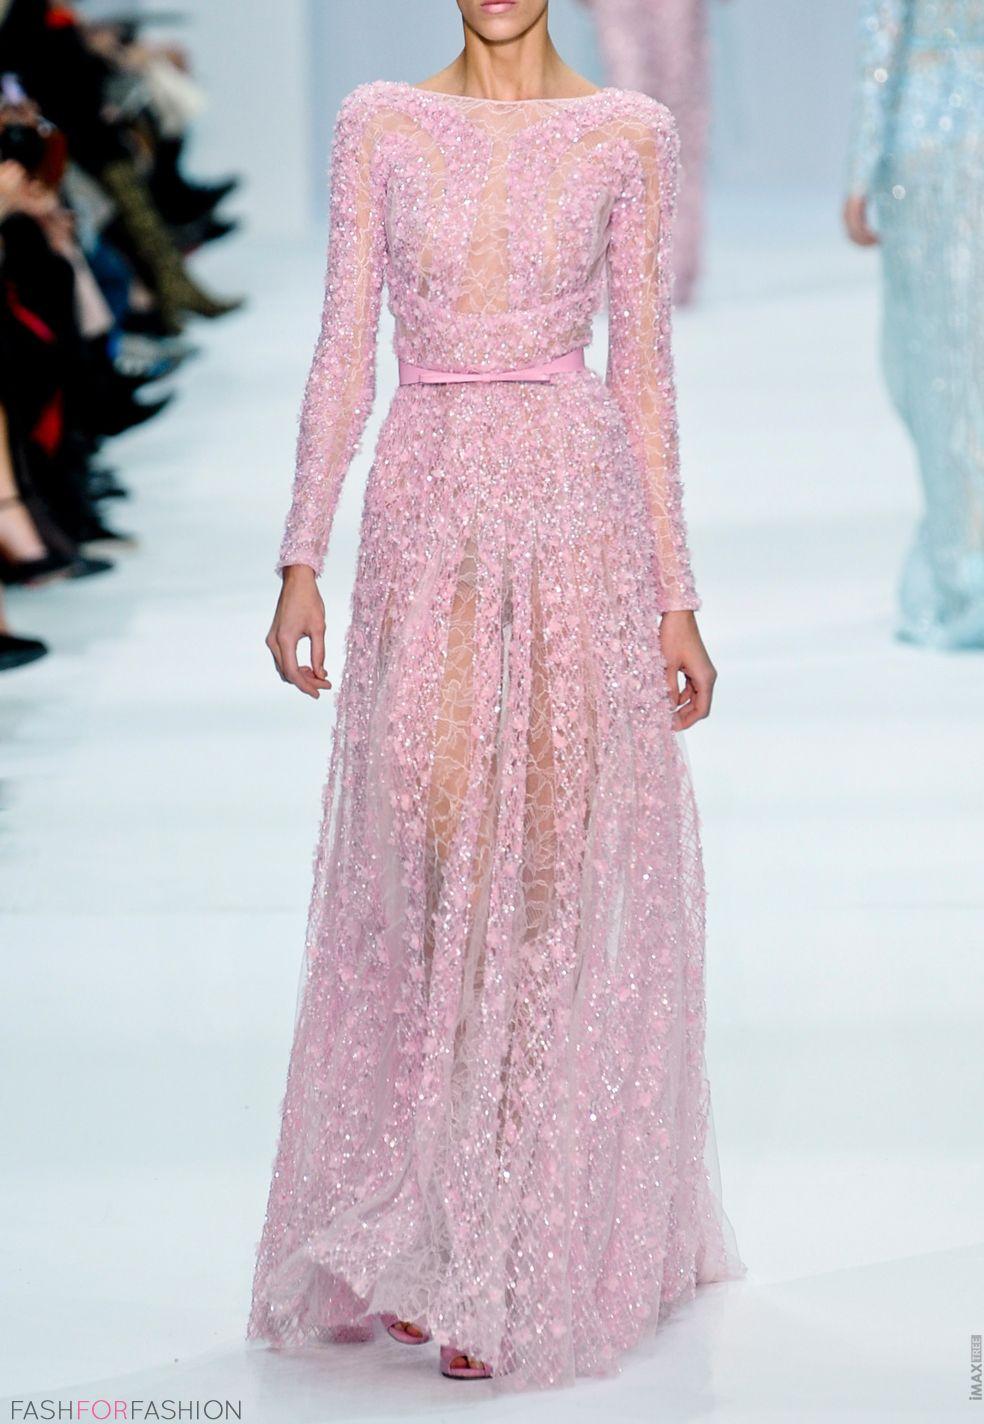 fashforfashion -♛ STYLE INSPIRATIONS♛: designer dress | Vestidos ...